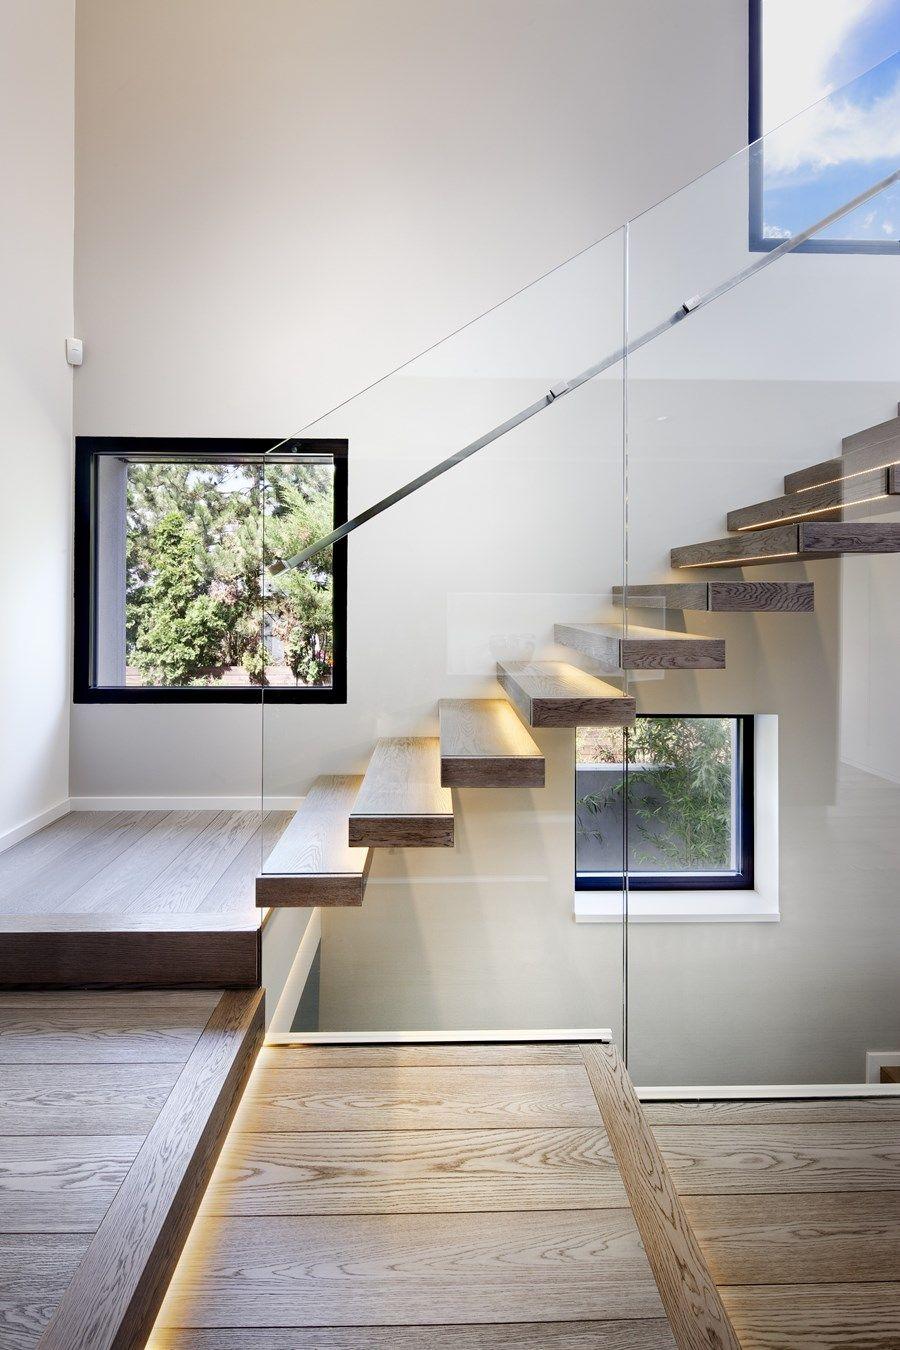 Schön Holz Treppe Design Atmos Studio Galerie - Die Besten Wohnideen ...